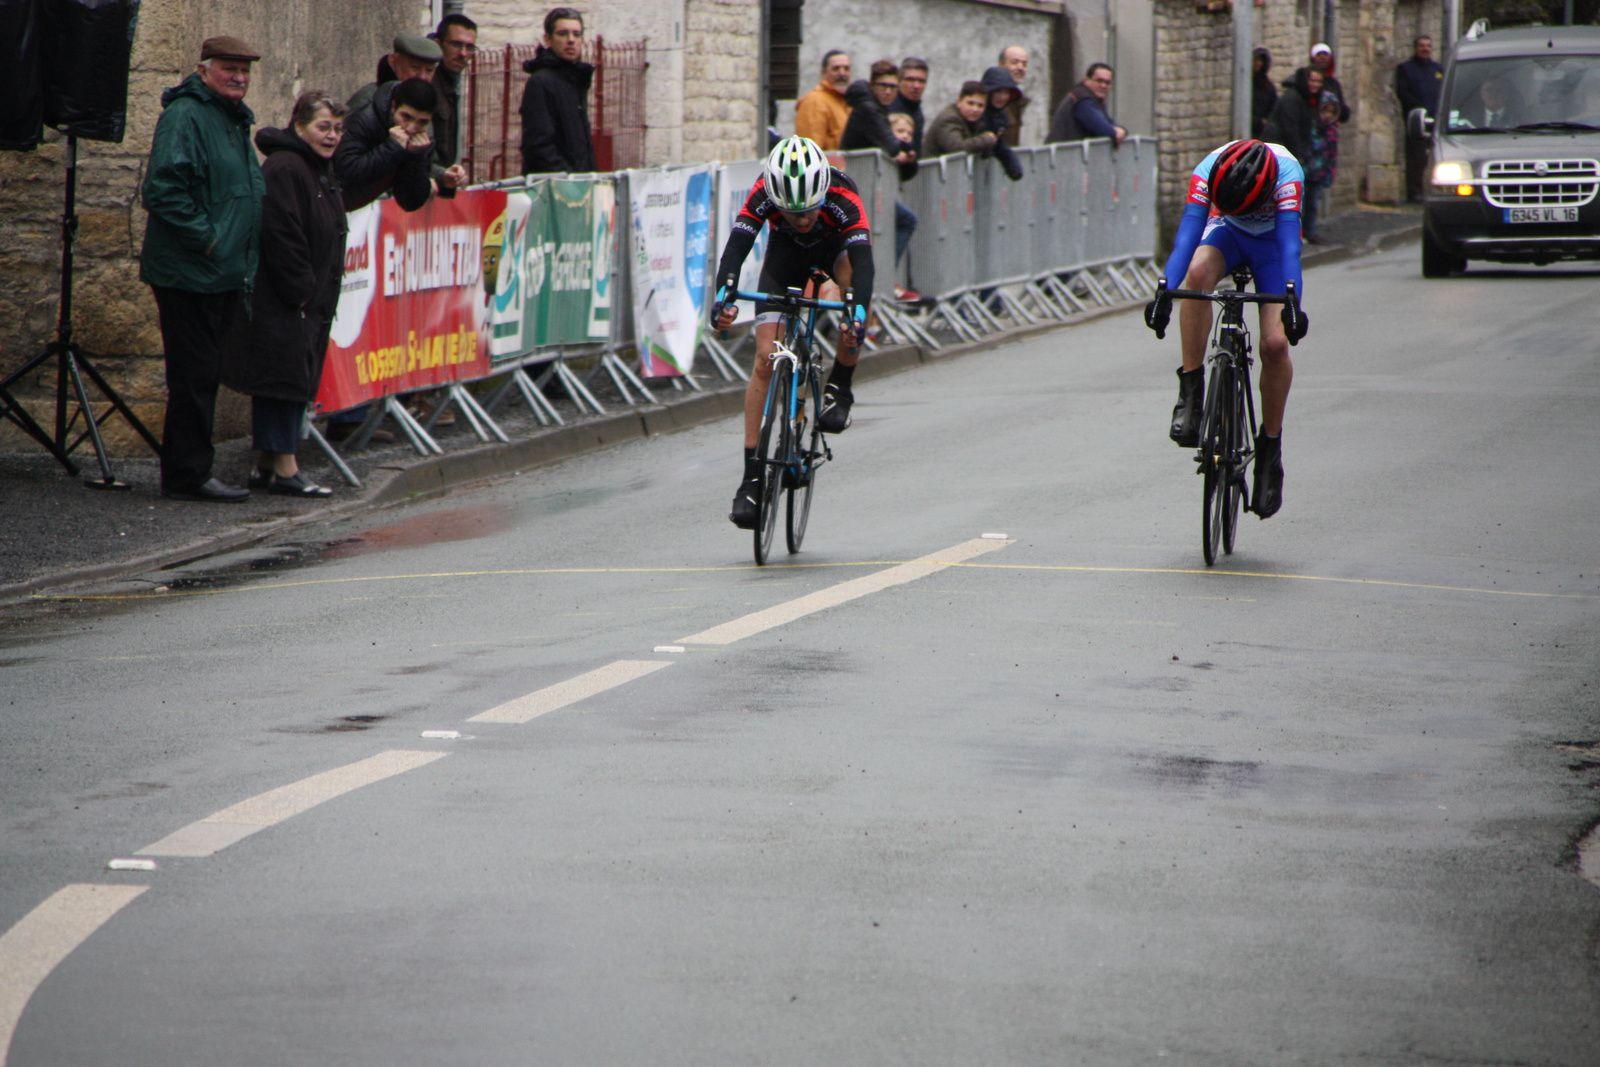 l'arrivée avec  la victoire  de    DELHOMME(C  Poitevin)  devant  Fabien  POTET(CA  Civray)